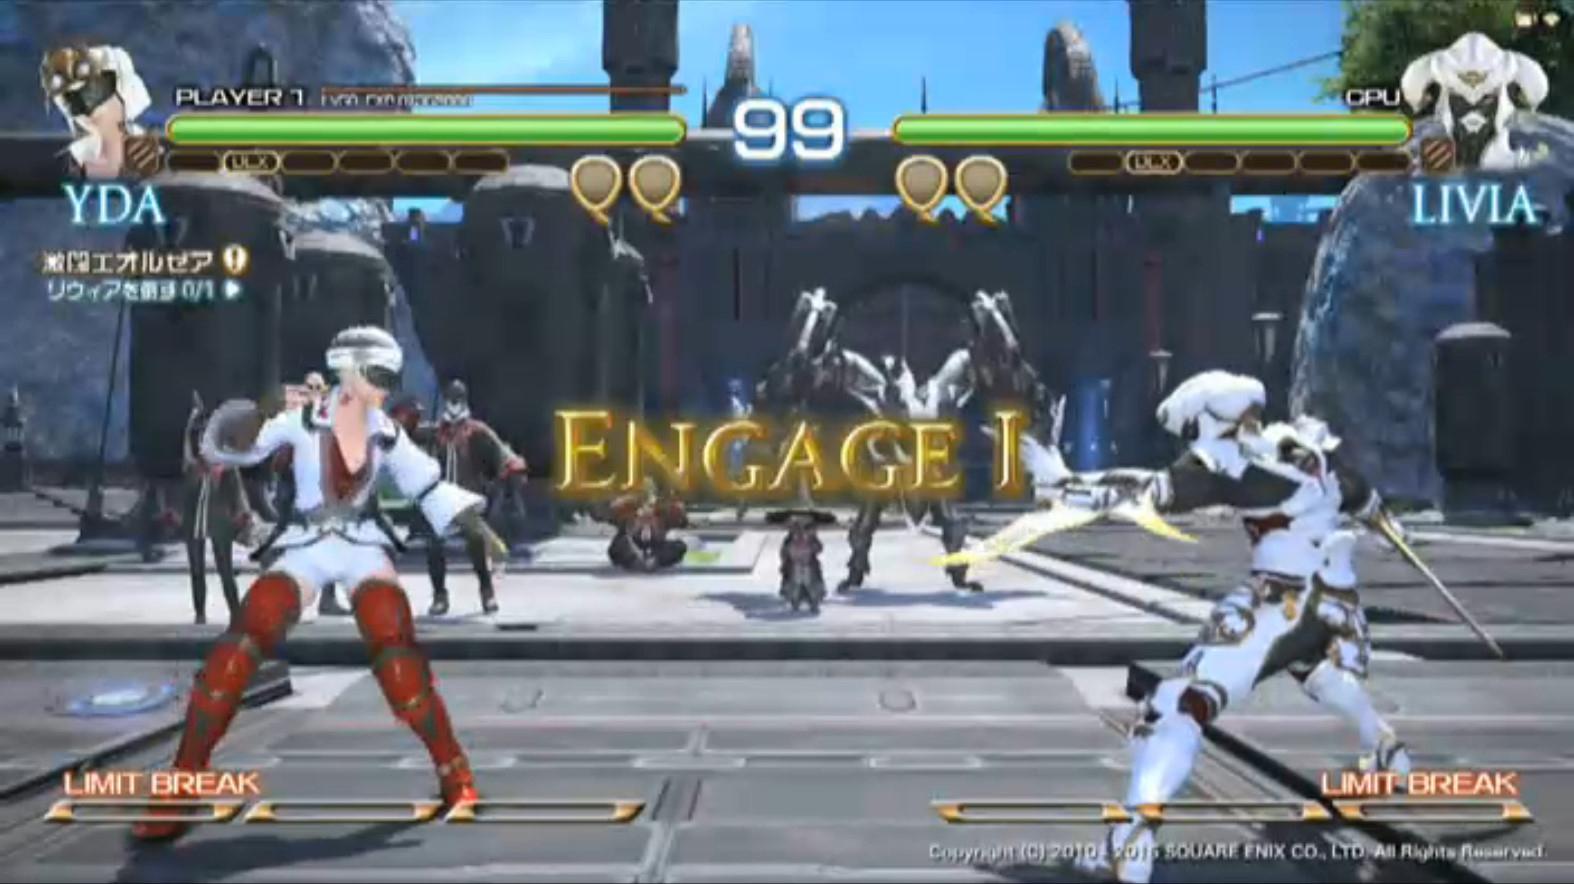 ゲーム内のモーションを使っているが、格闘ゲームとしてまったく違和感がない